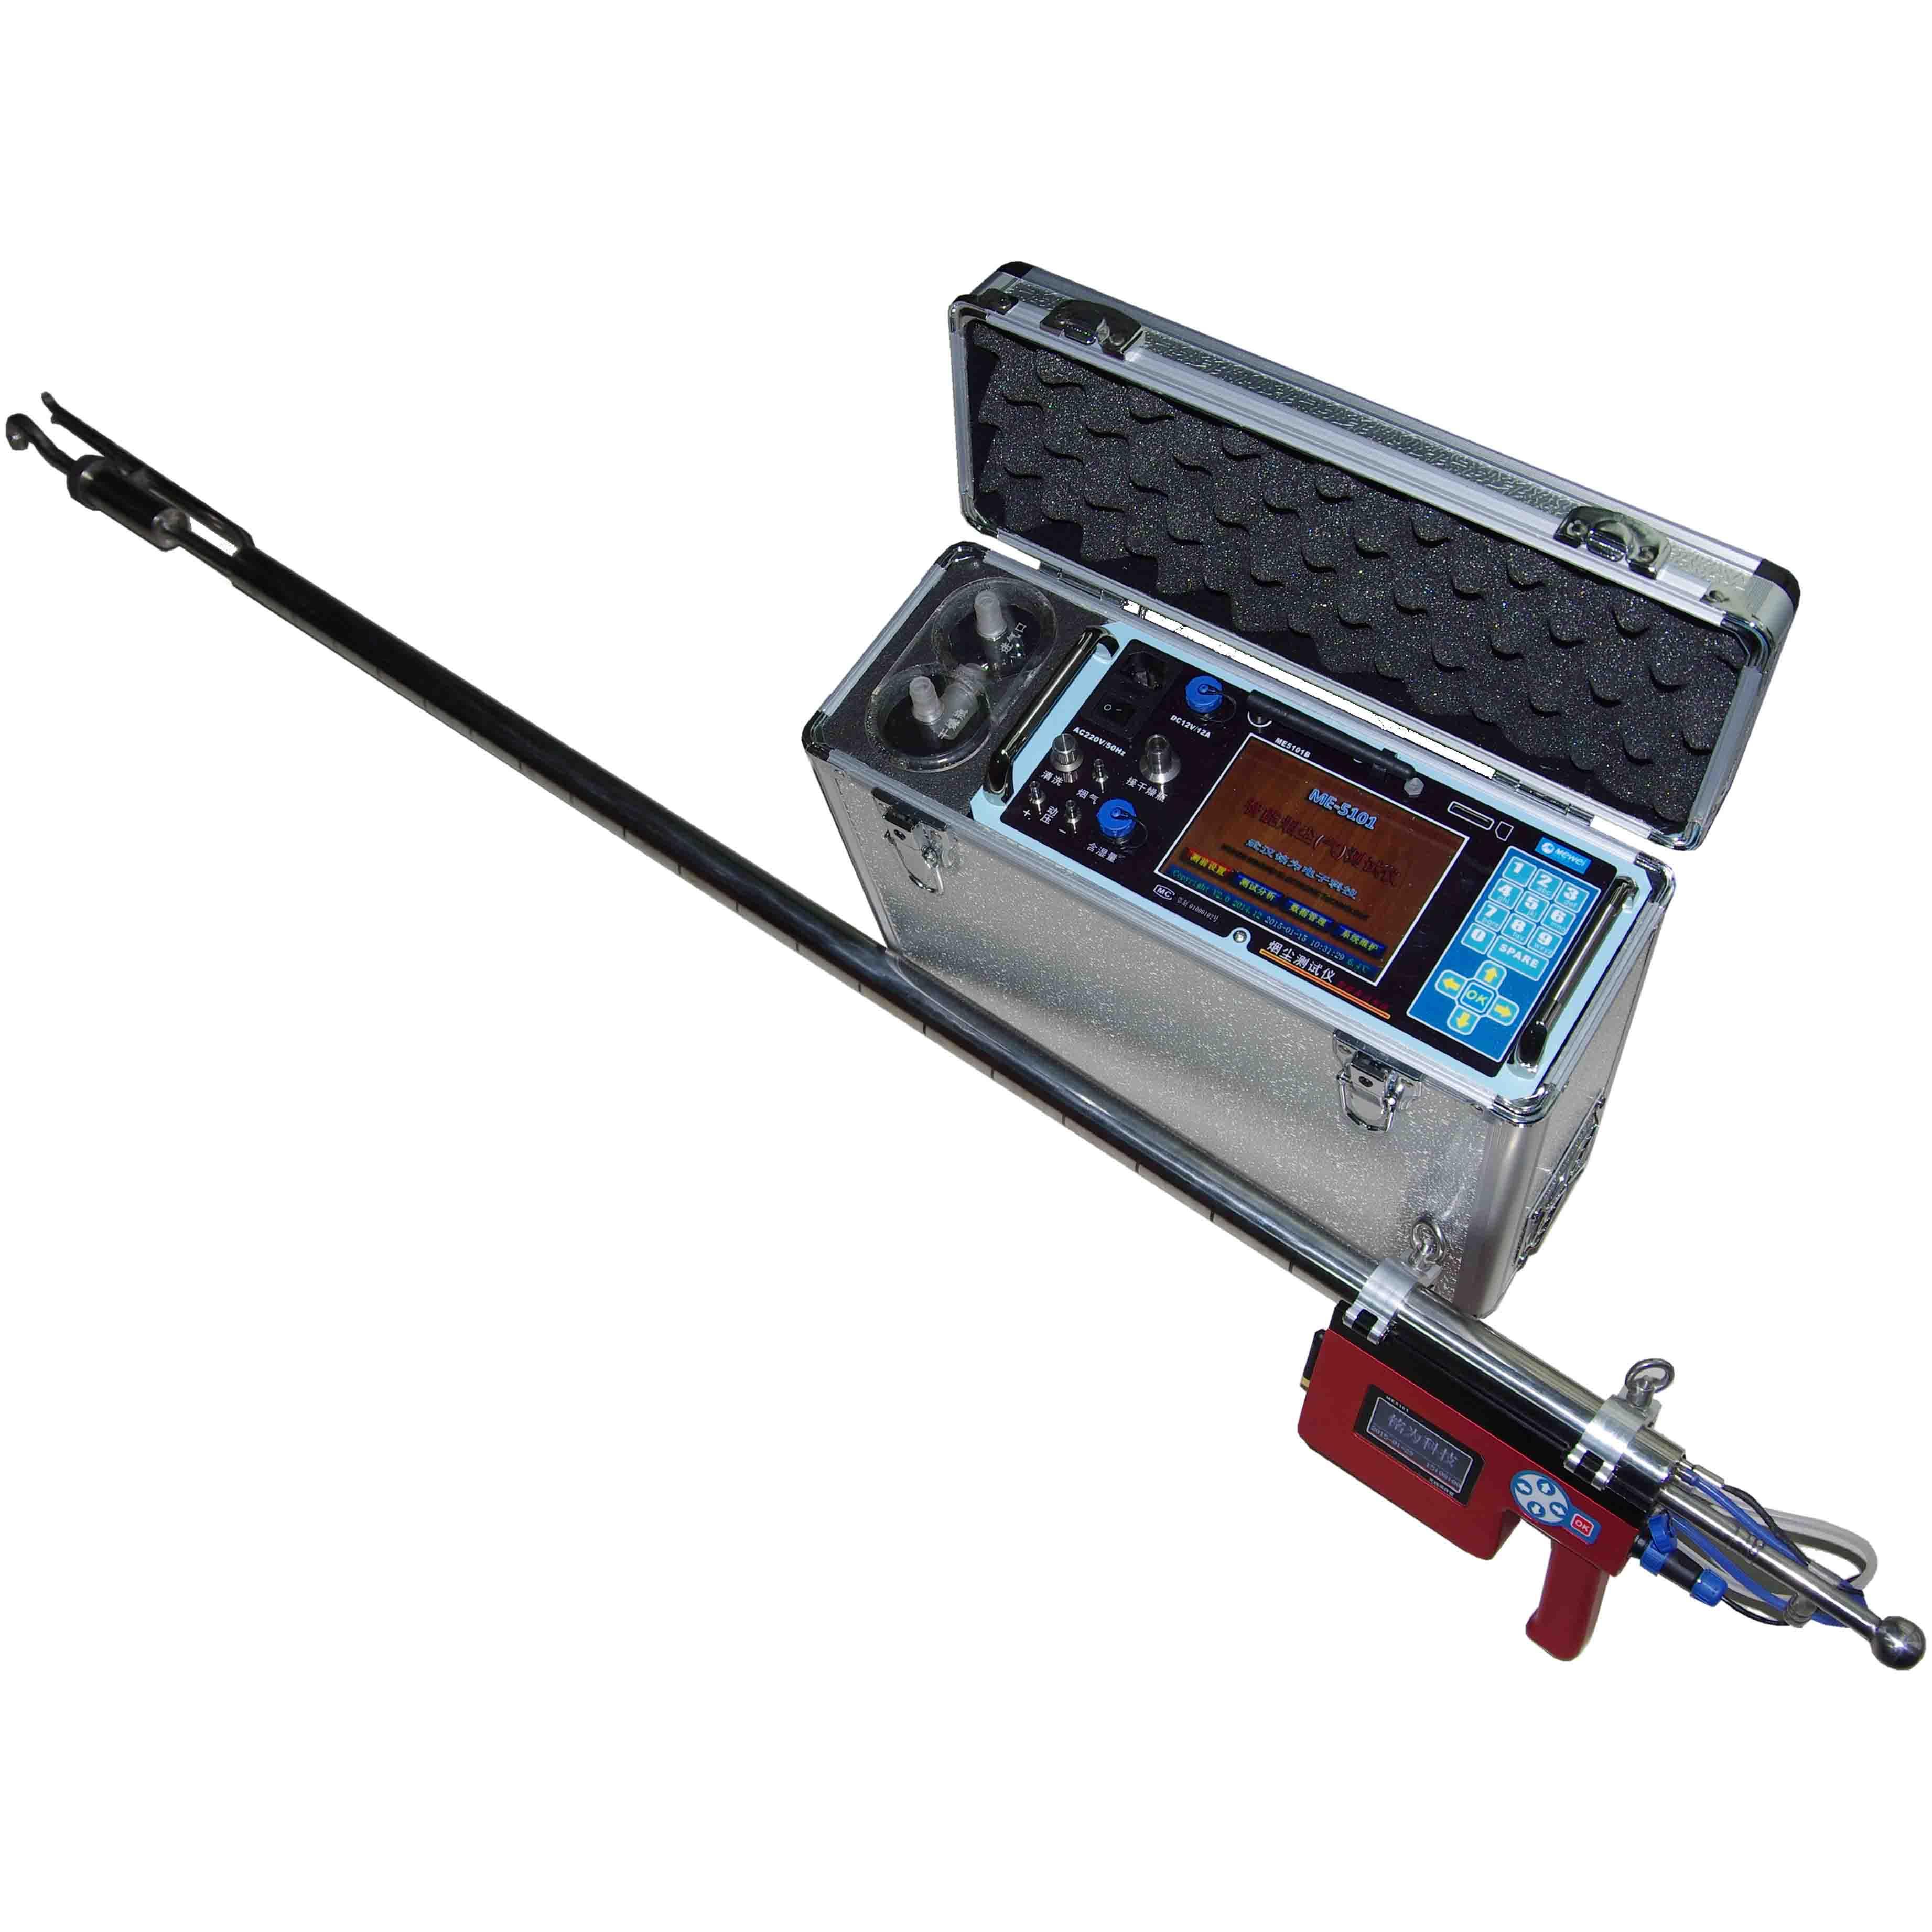 电路板 机器设备 3685_3685